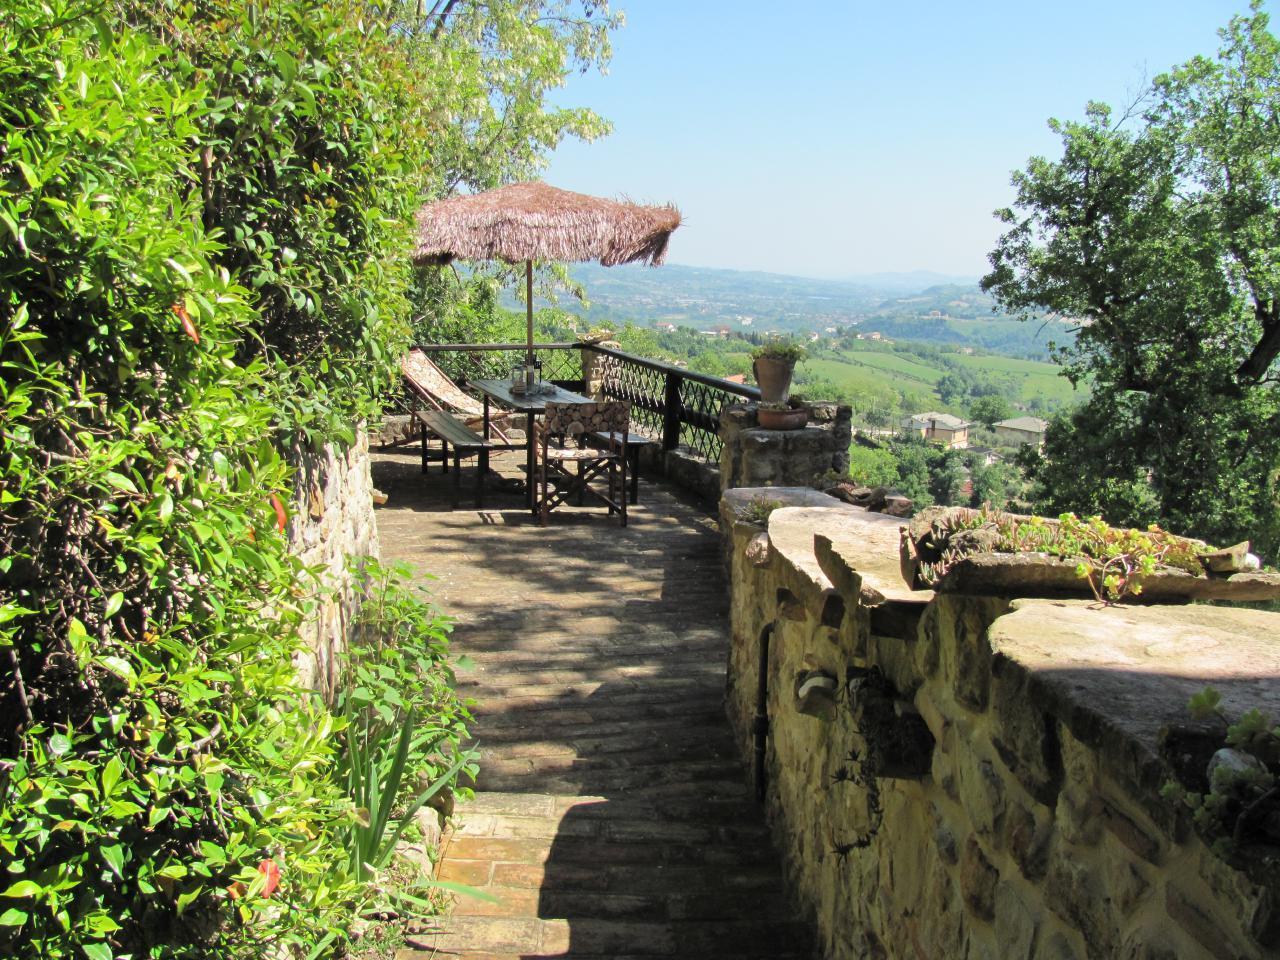 Ferienwohnung Old House - Romantische Wohnung in Villa (1344544), Penna San Giovanni, Macerata, Marken, Italien, Bild 2